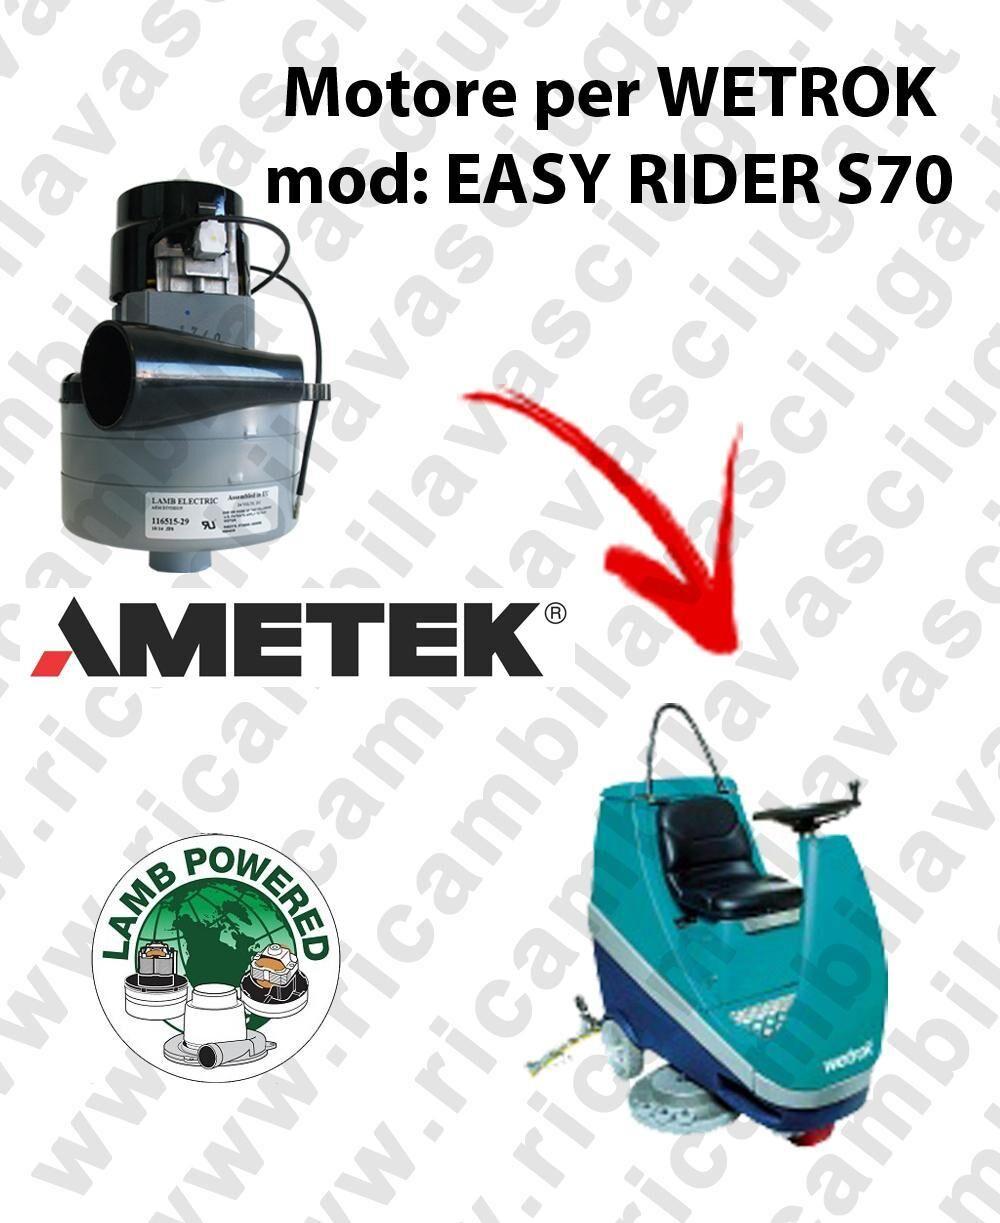 Wetrok EASY RIDER S70 MOTORE LAMB AMETEK di aspirazione per lavapavimenti